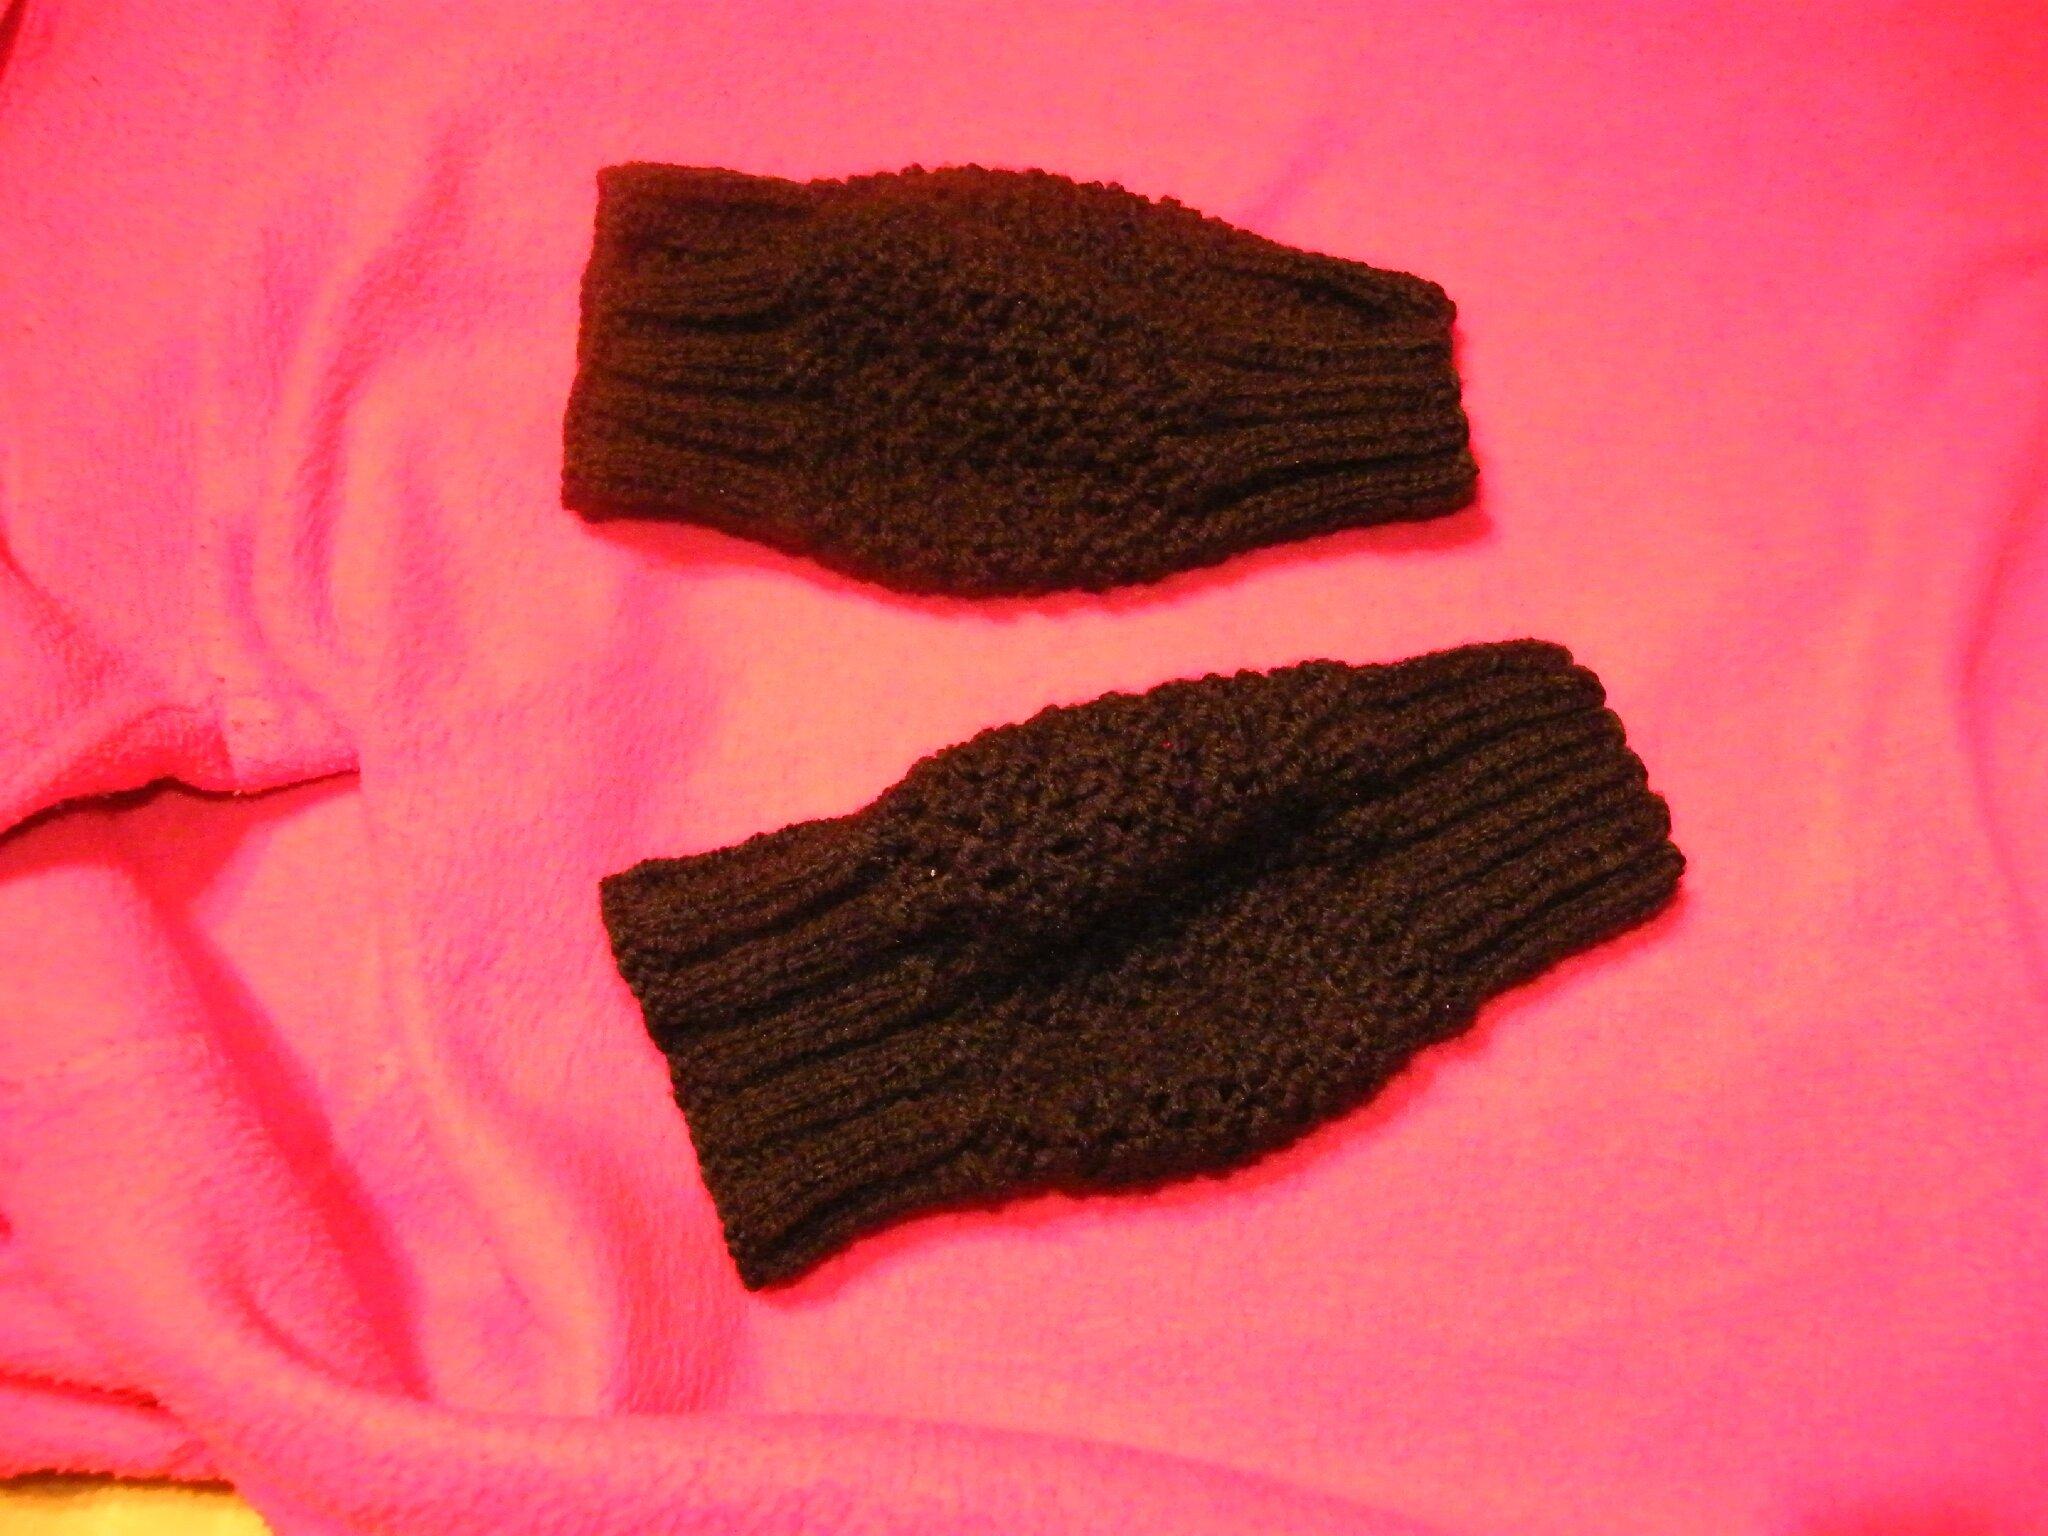 Dscf2174 photo de photos d 39 charpes aux diff rents - Differents points de tricot ...